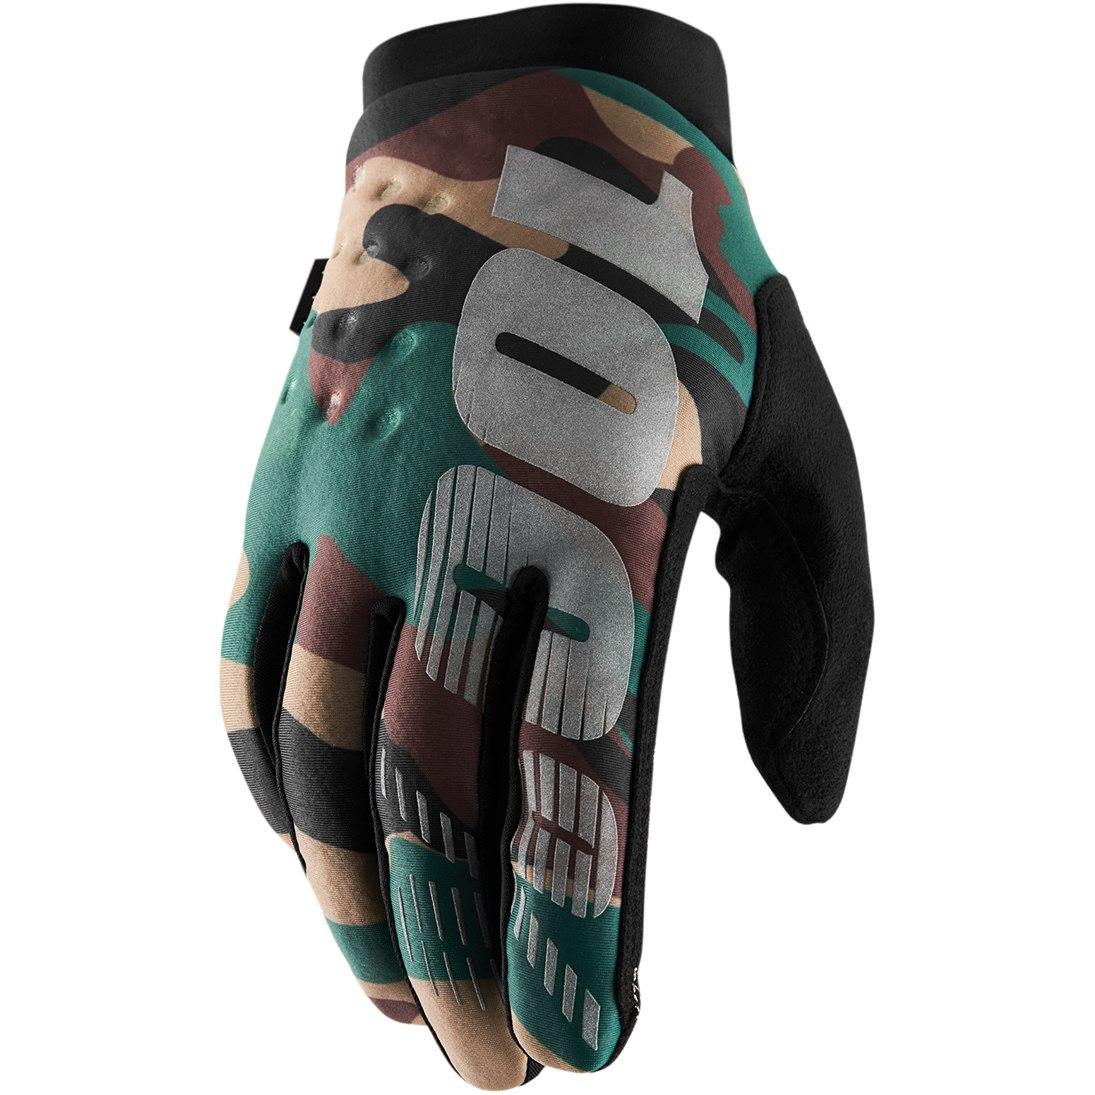 100% Brisker Cold Weather Glove - Camo/Black